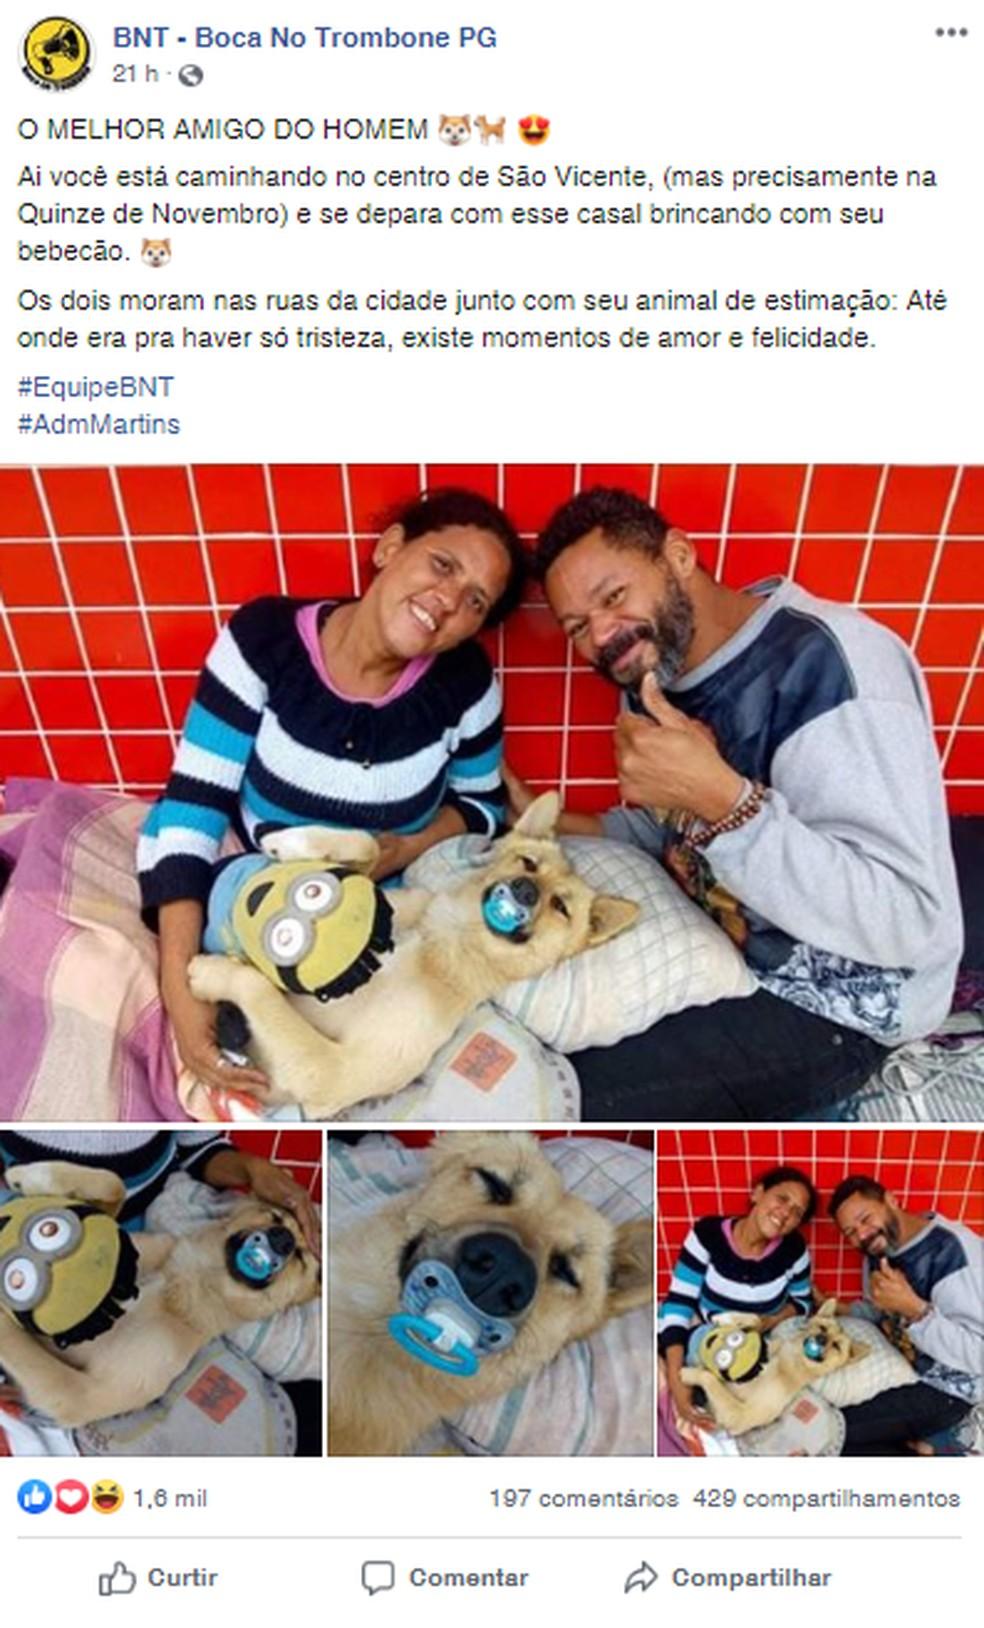 Publicação fez sucesso nas redes sociais — Foto: Reprodução/Boca no Trombone PG